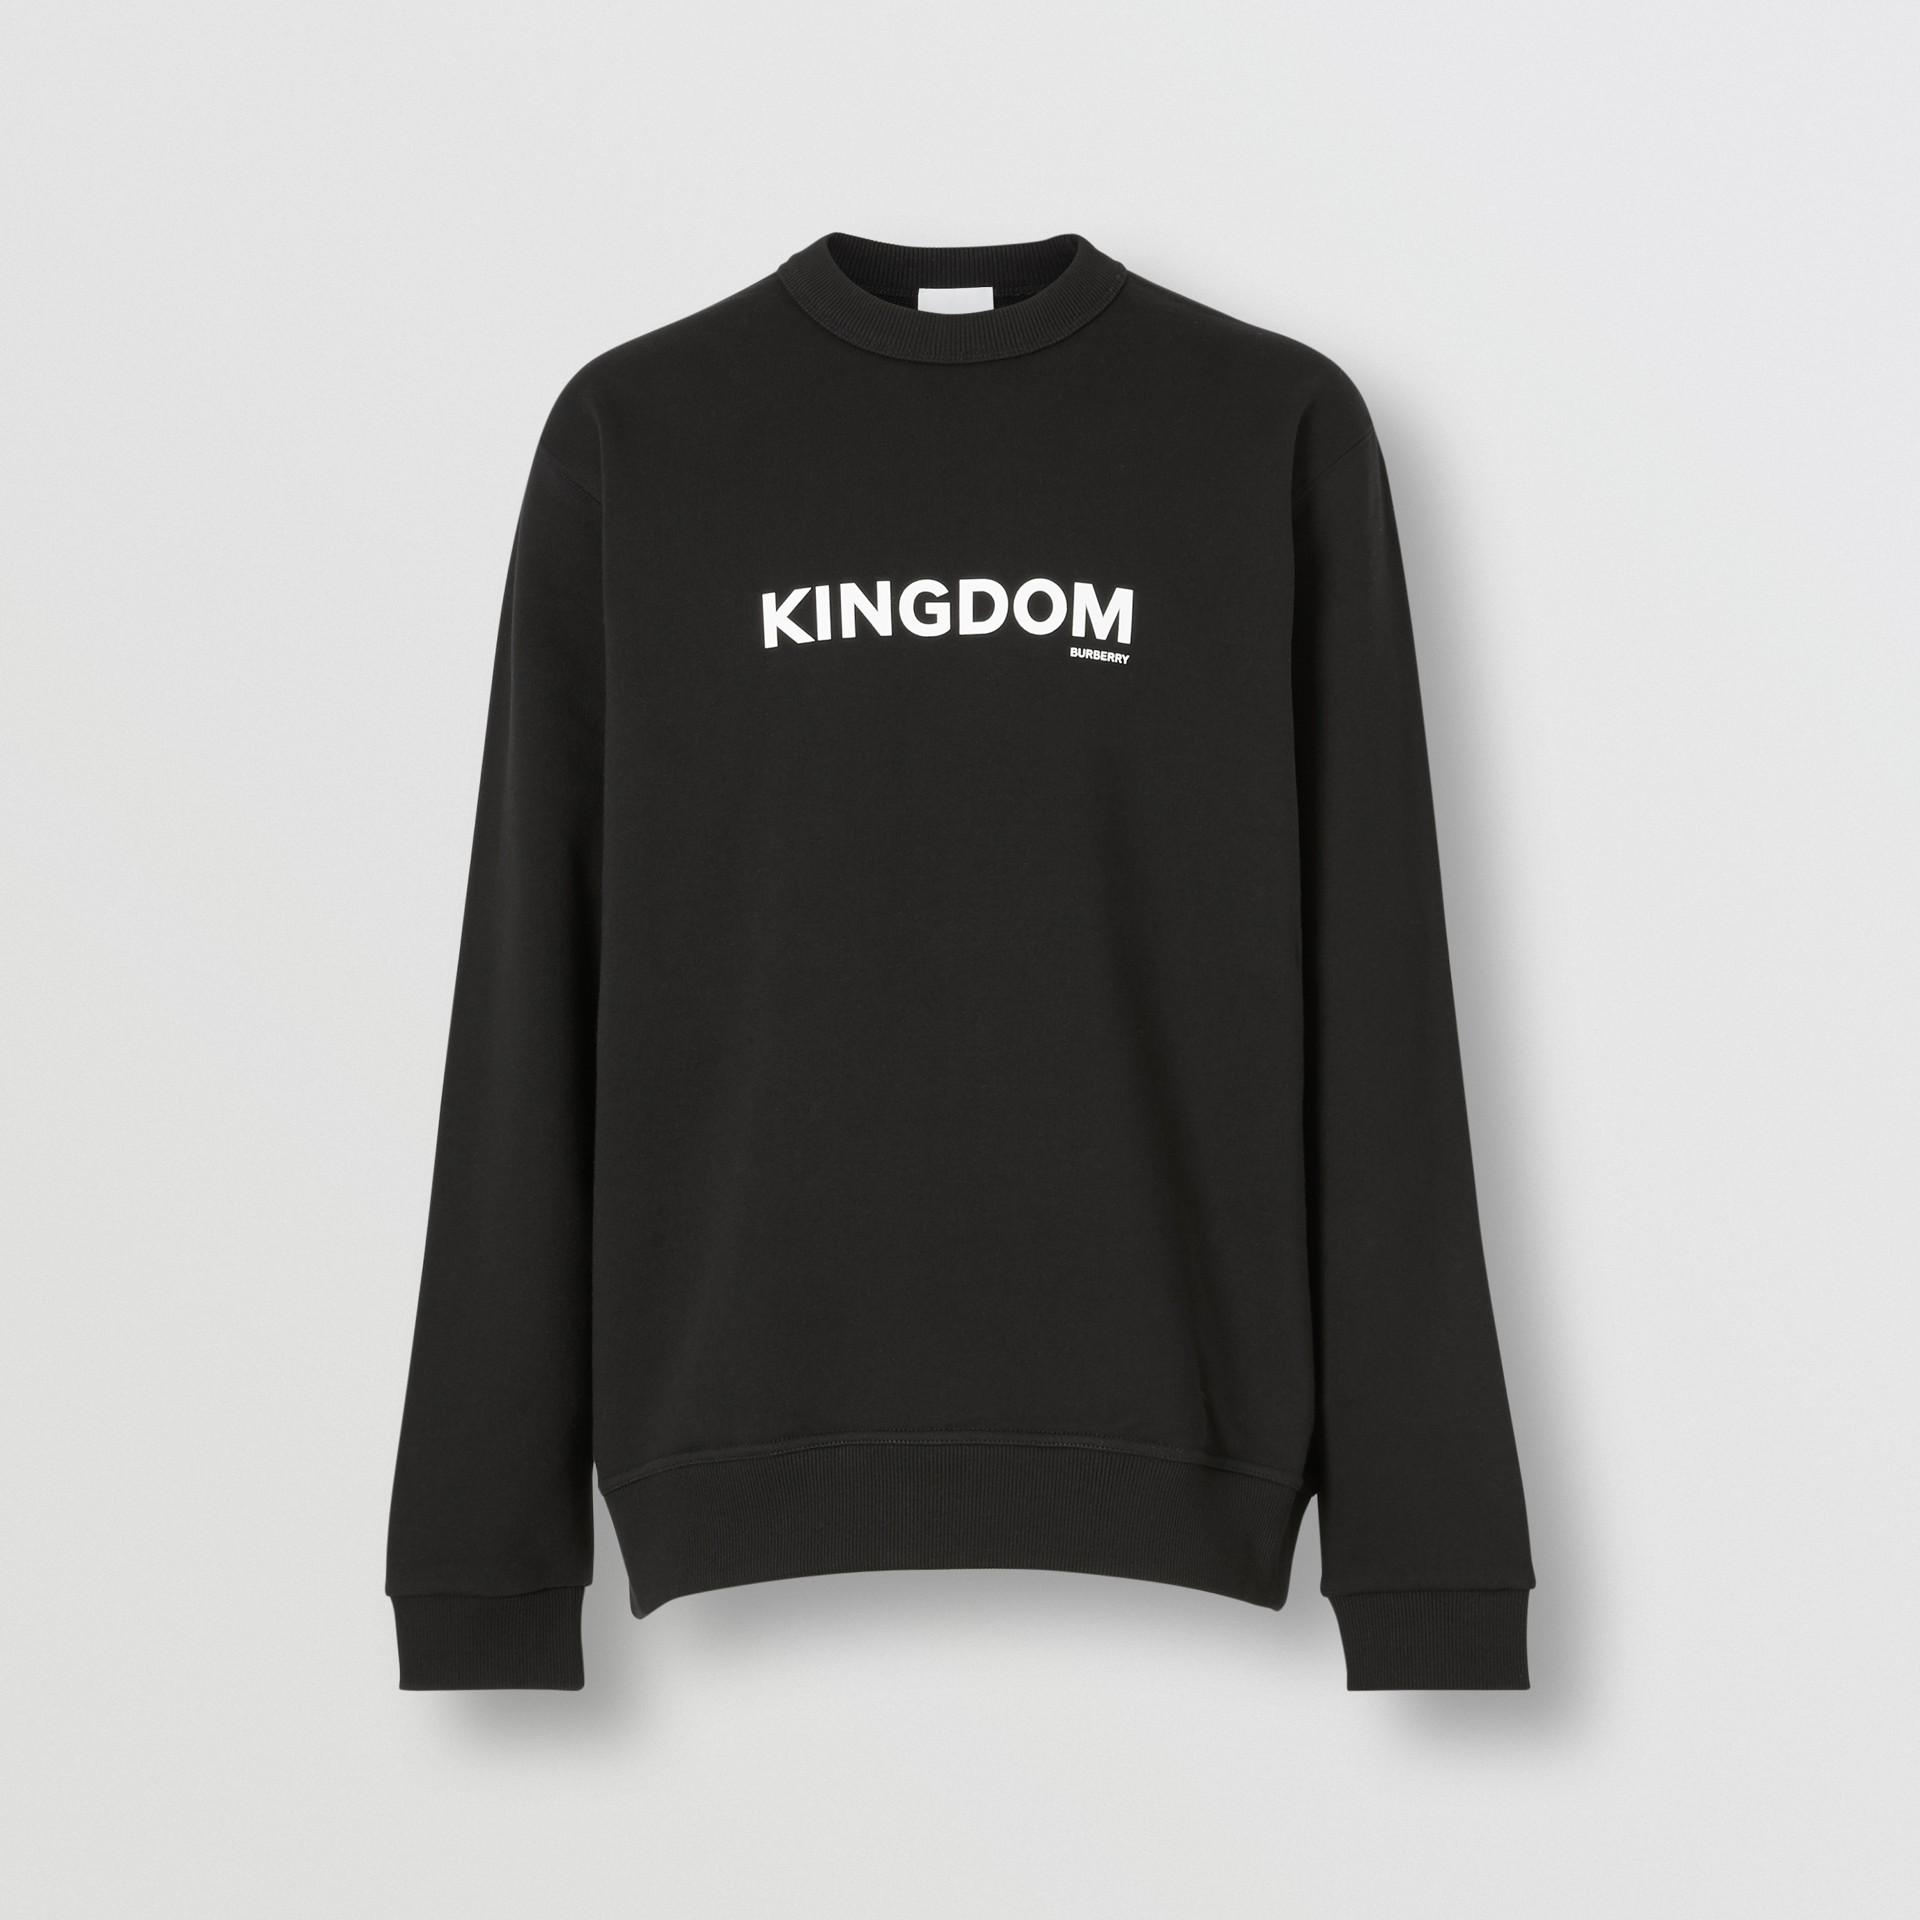 Толстовка с принтом Kingdom (Черный) - Для мужчин | Burberry - изображение 3